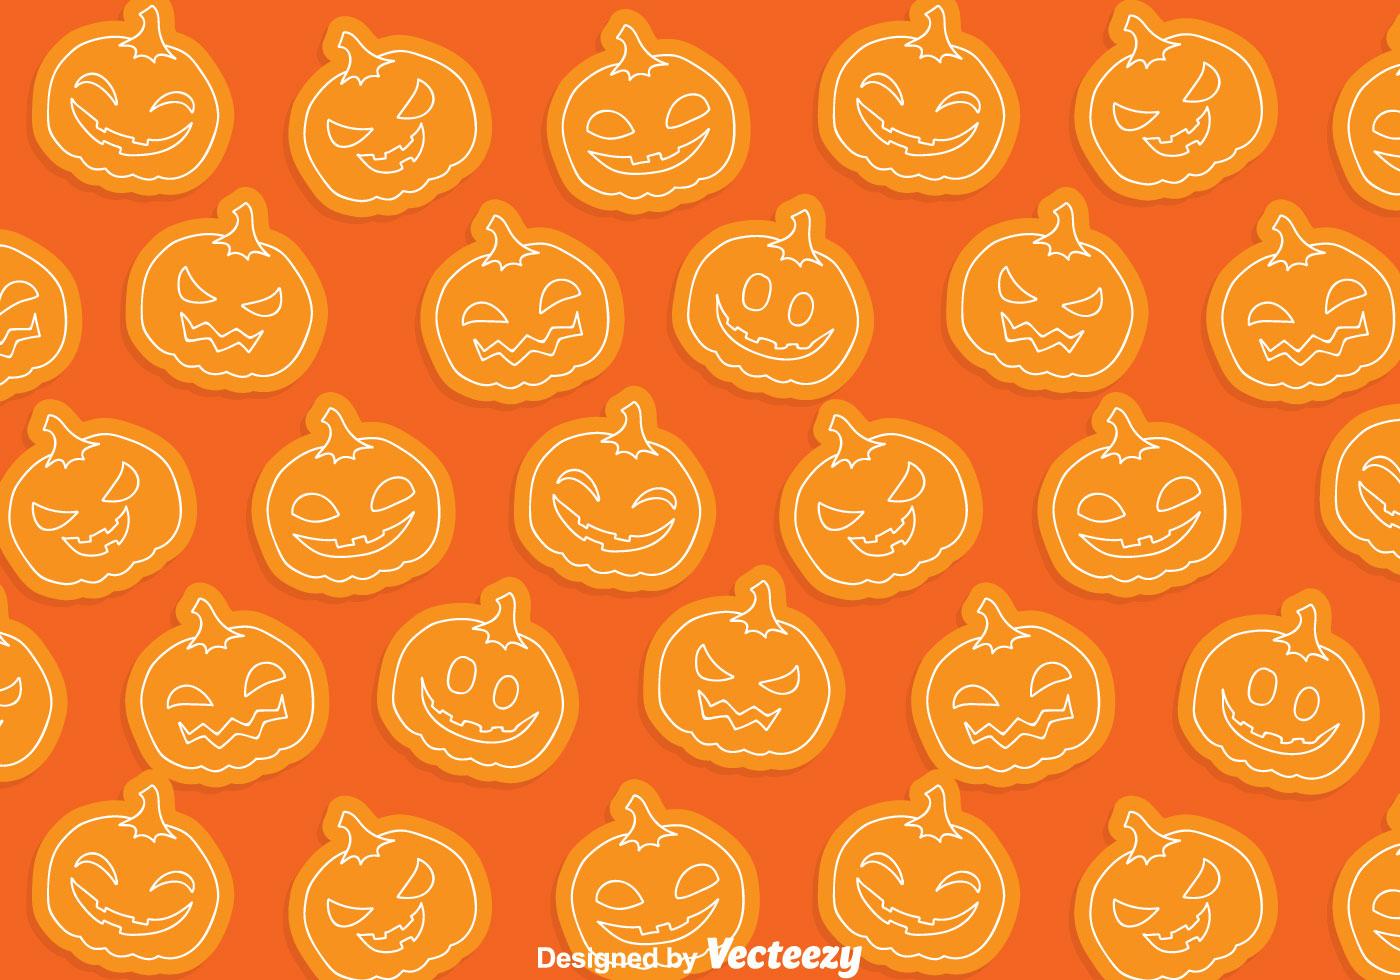 Fall Pumpkin Background Wallpaper Pumpkin Pattern Download Free Vector Art Stock Graphics